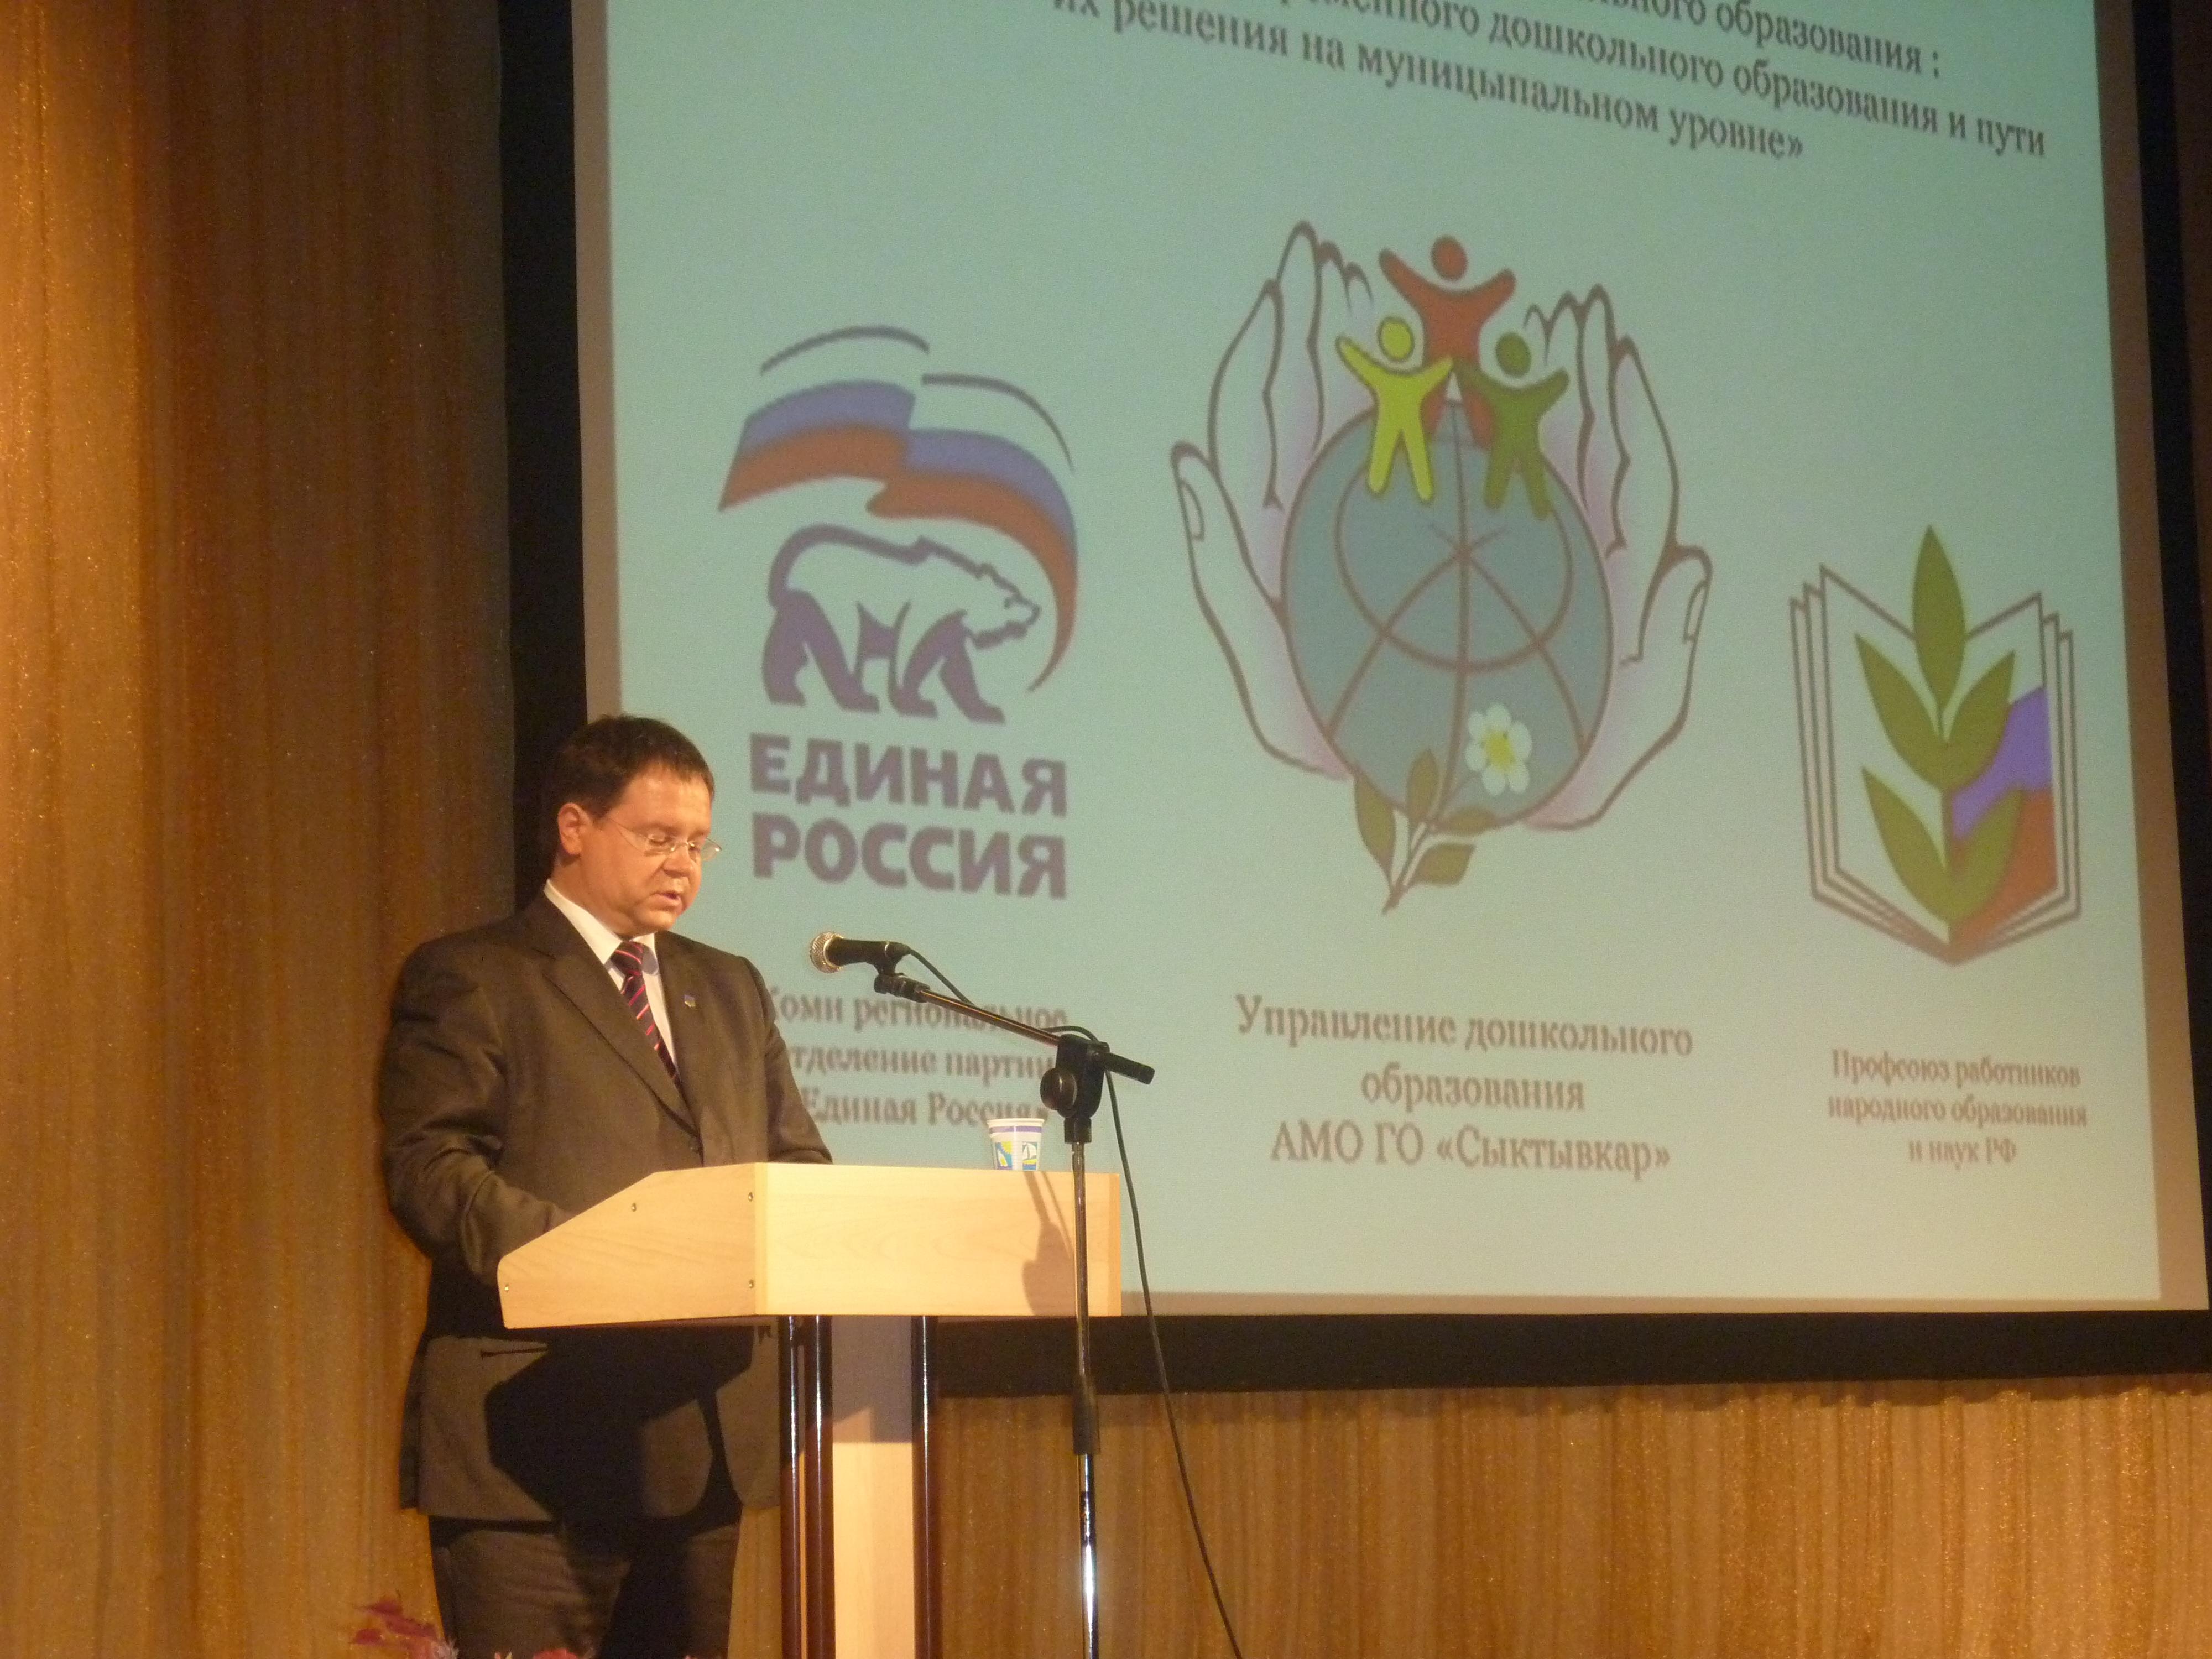 Работники дошкольного образования Сыктывкара собрались на форум обсудить проблемы отрасли